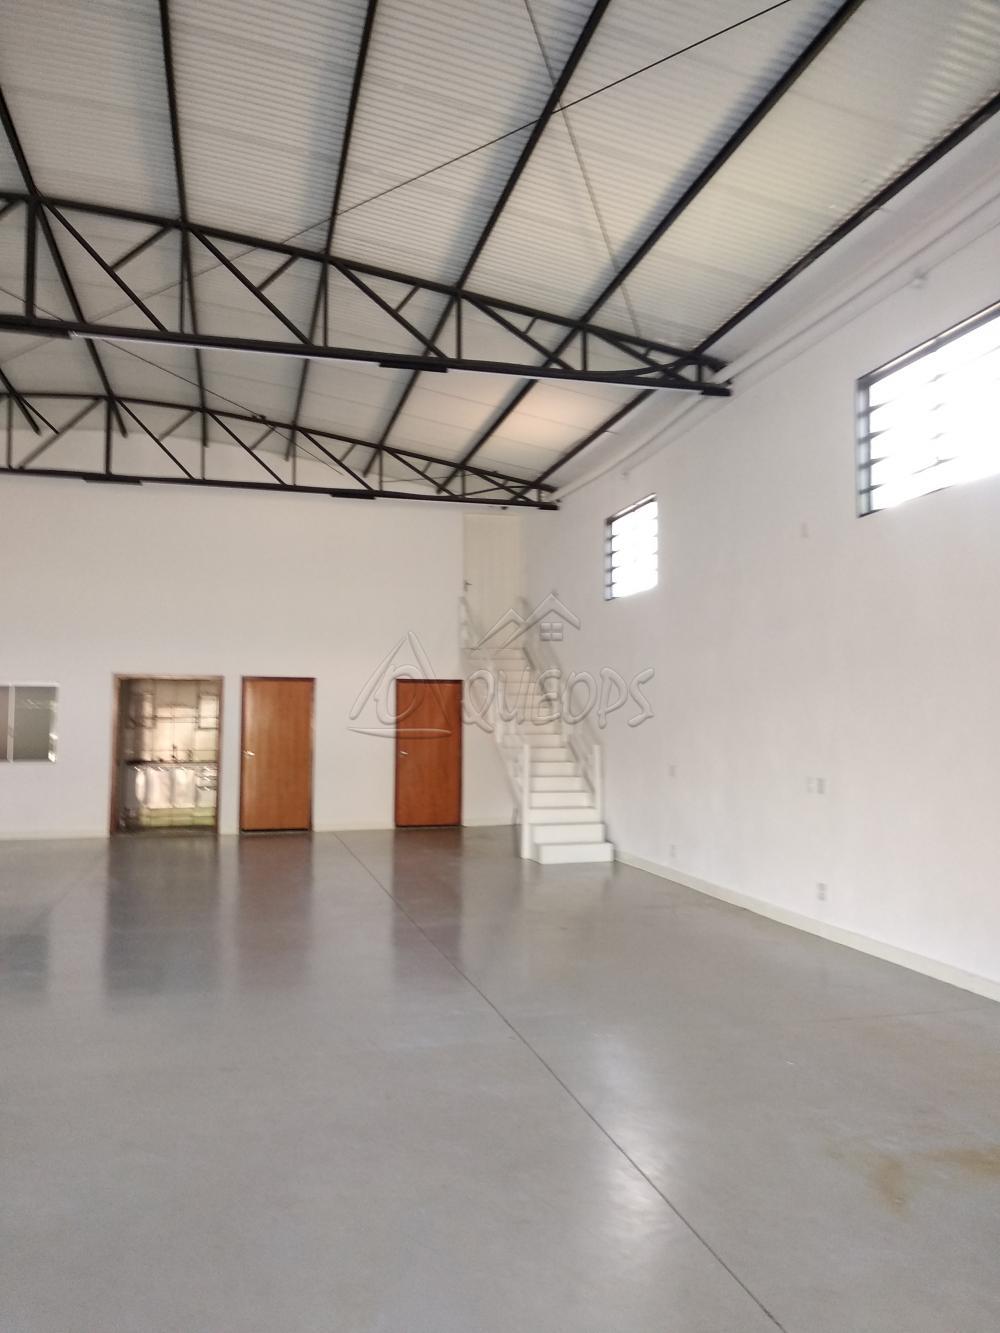 Alugar Comercial / Barracão em Barretos R$ 6.200,00 - Foto 3